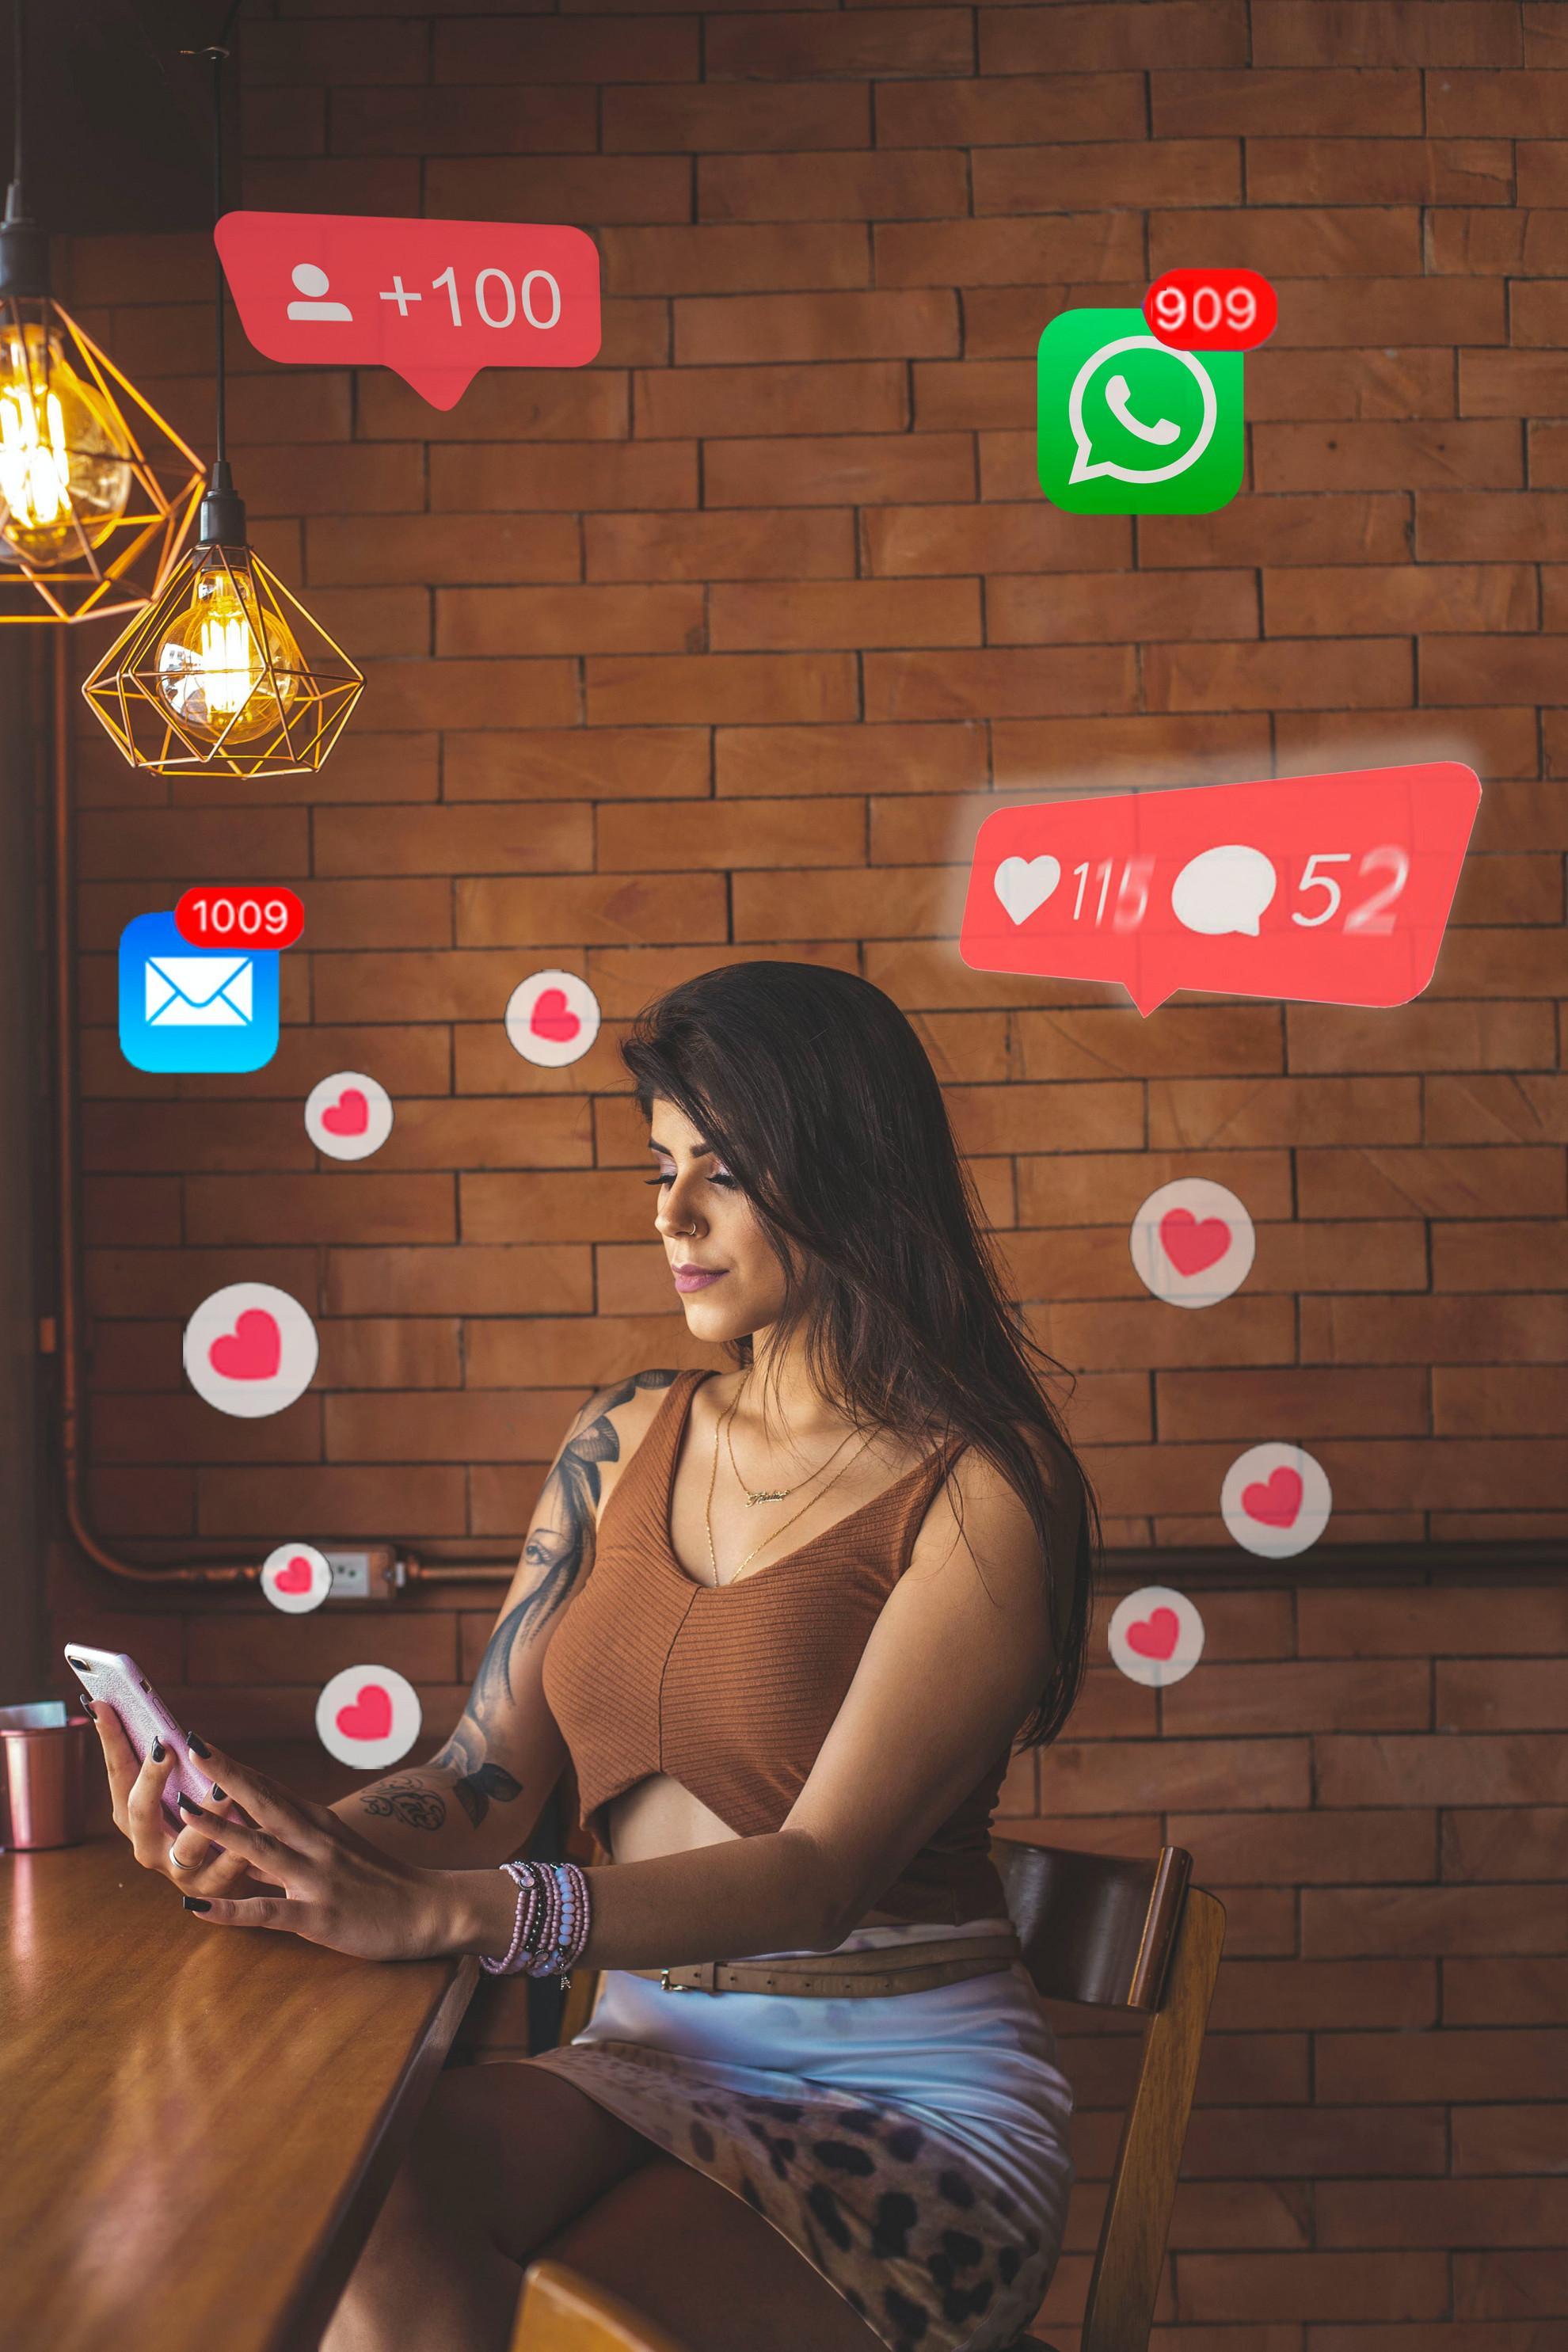 A social média használatakor az agy legfontosabb dopamint termelő területein működő neuronok aktiválódnak